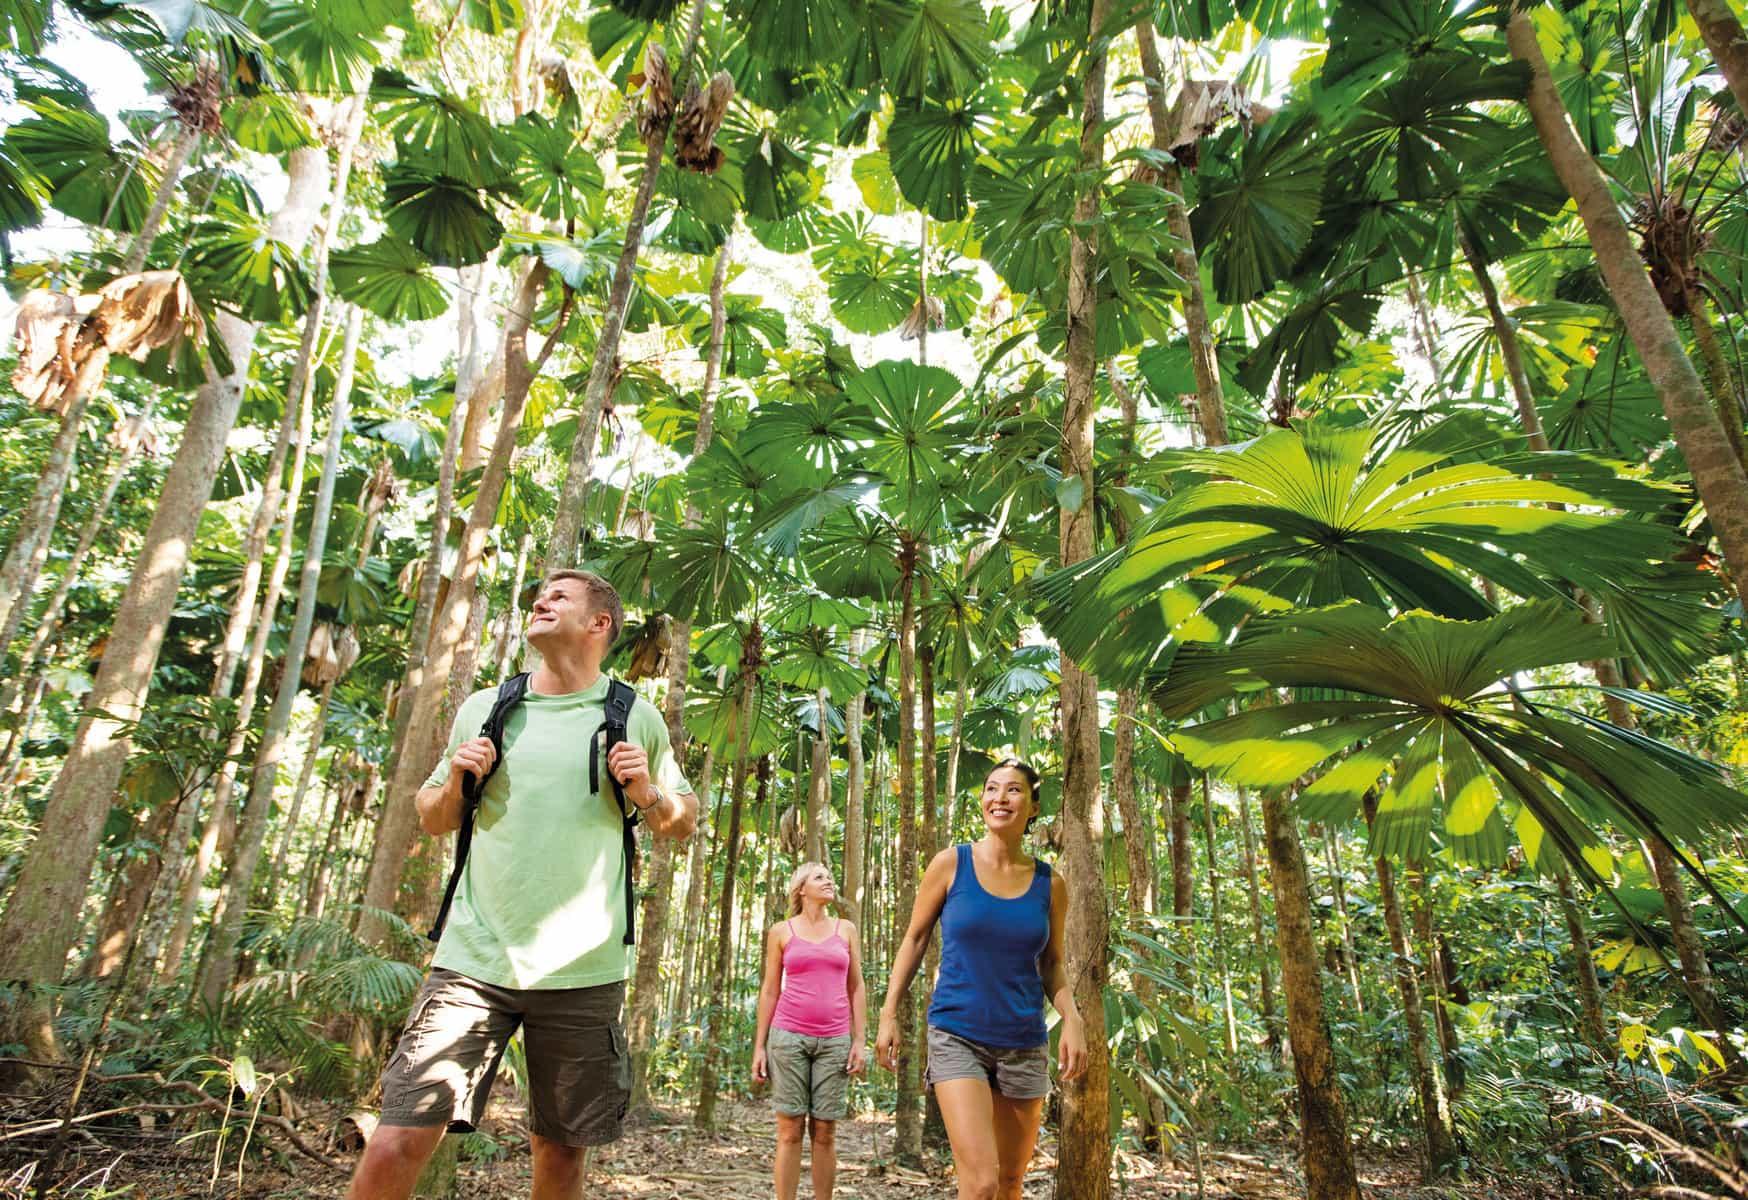 Ecotourism focus puts Douglas on the map